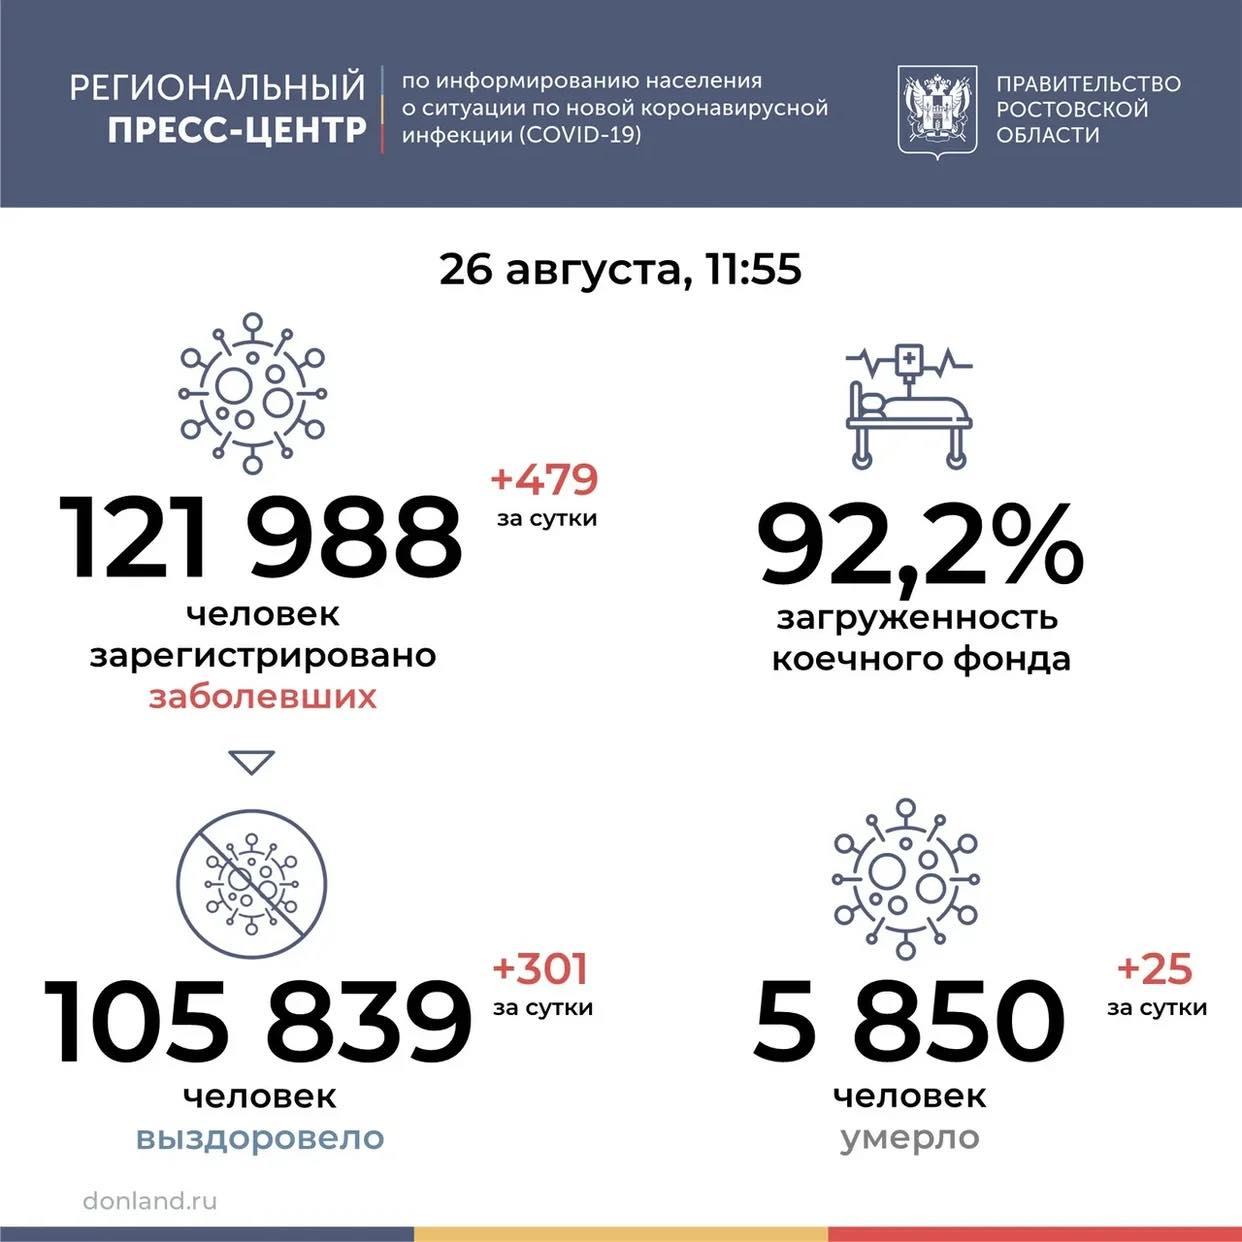 В Ростовской области от COVID-19 умерли 25 человек